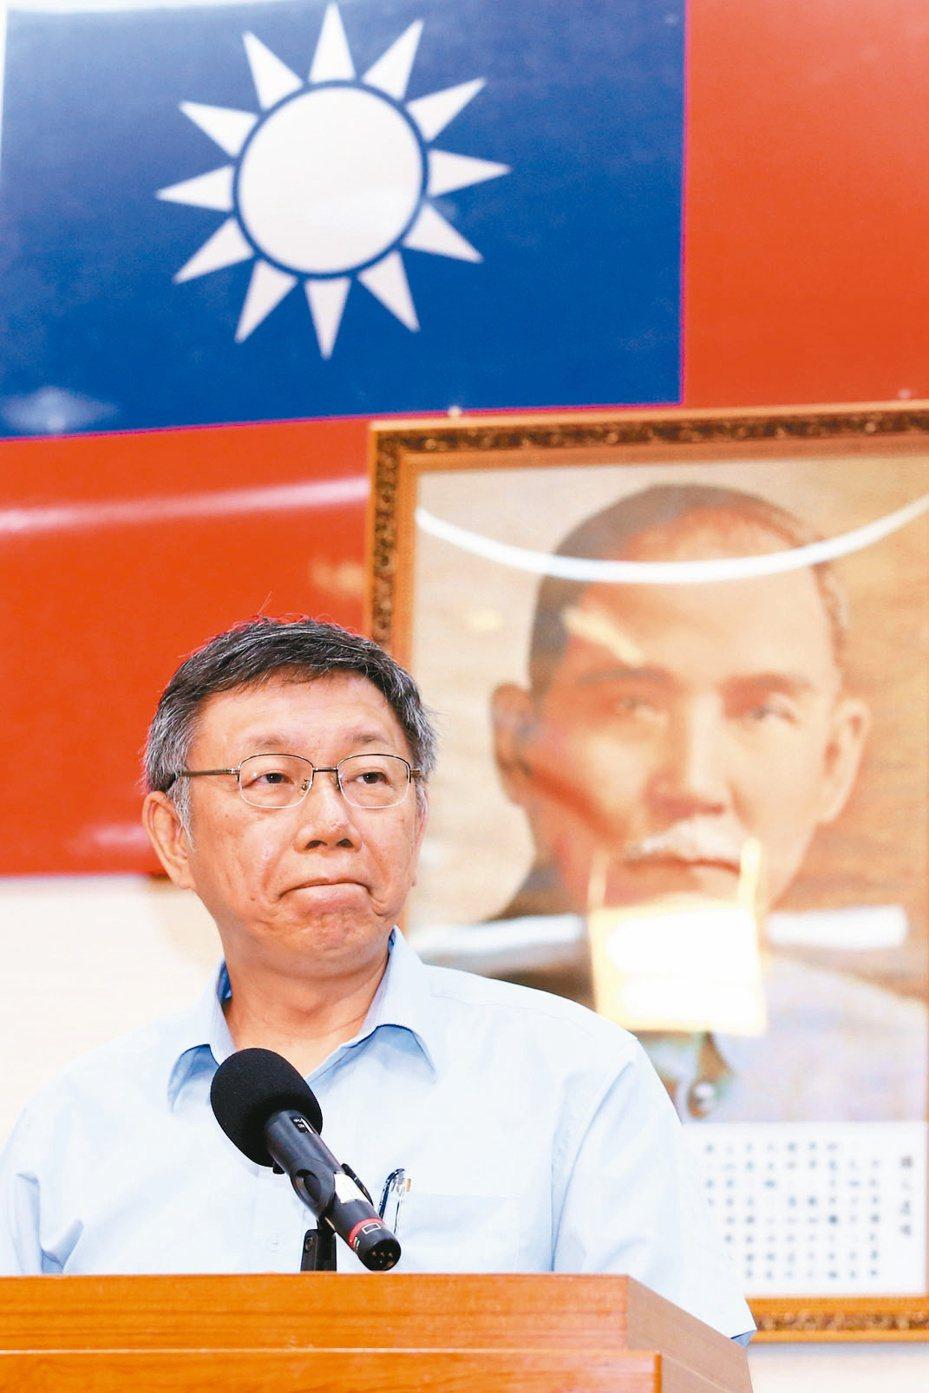 台北市長柯文哲昨天宣布將籌組「台灣民眾黨」,網路出現「殺柯」言論。記者王騰毅/攝影